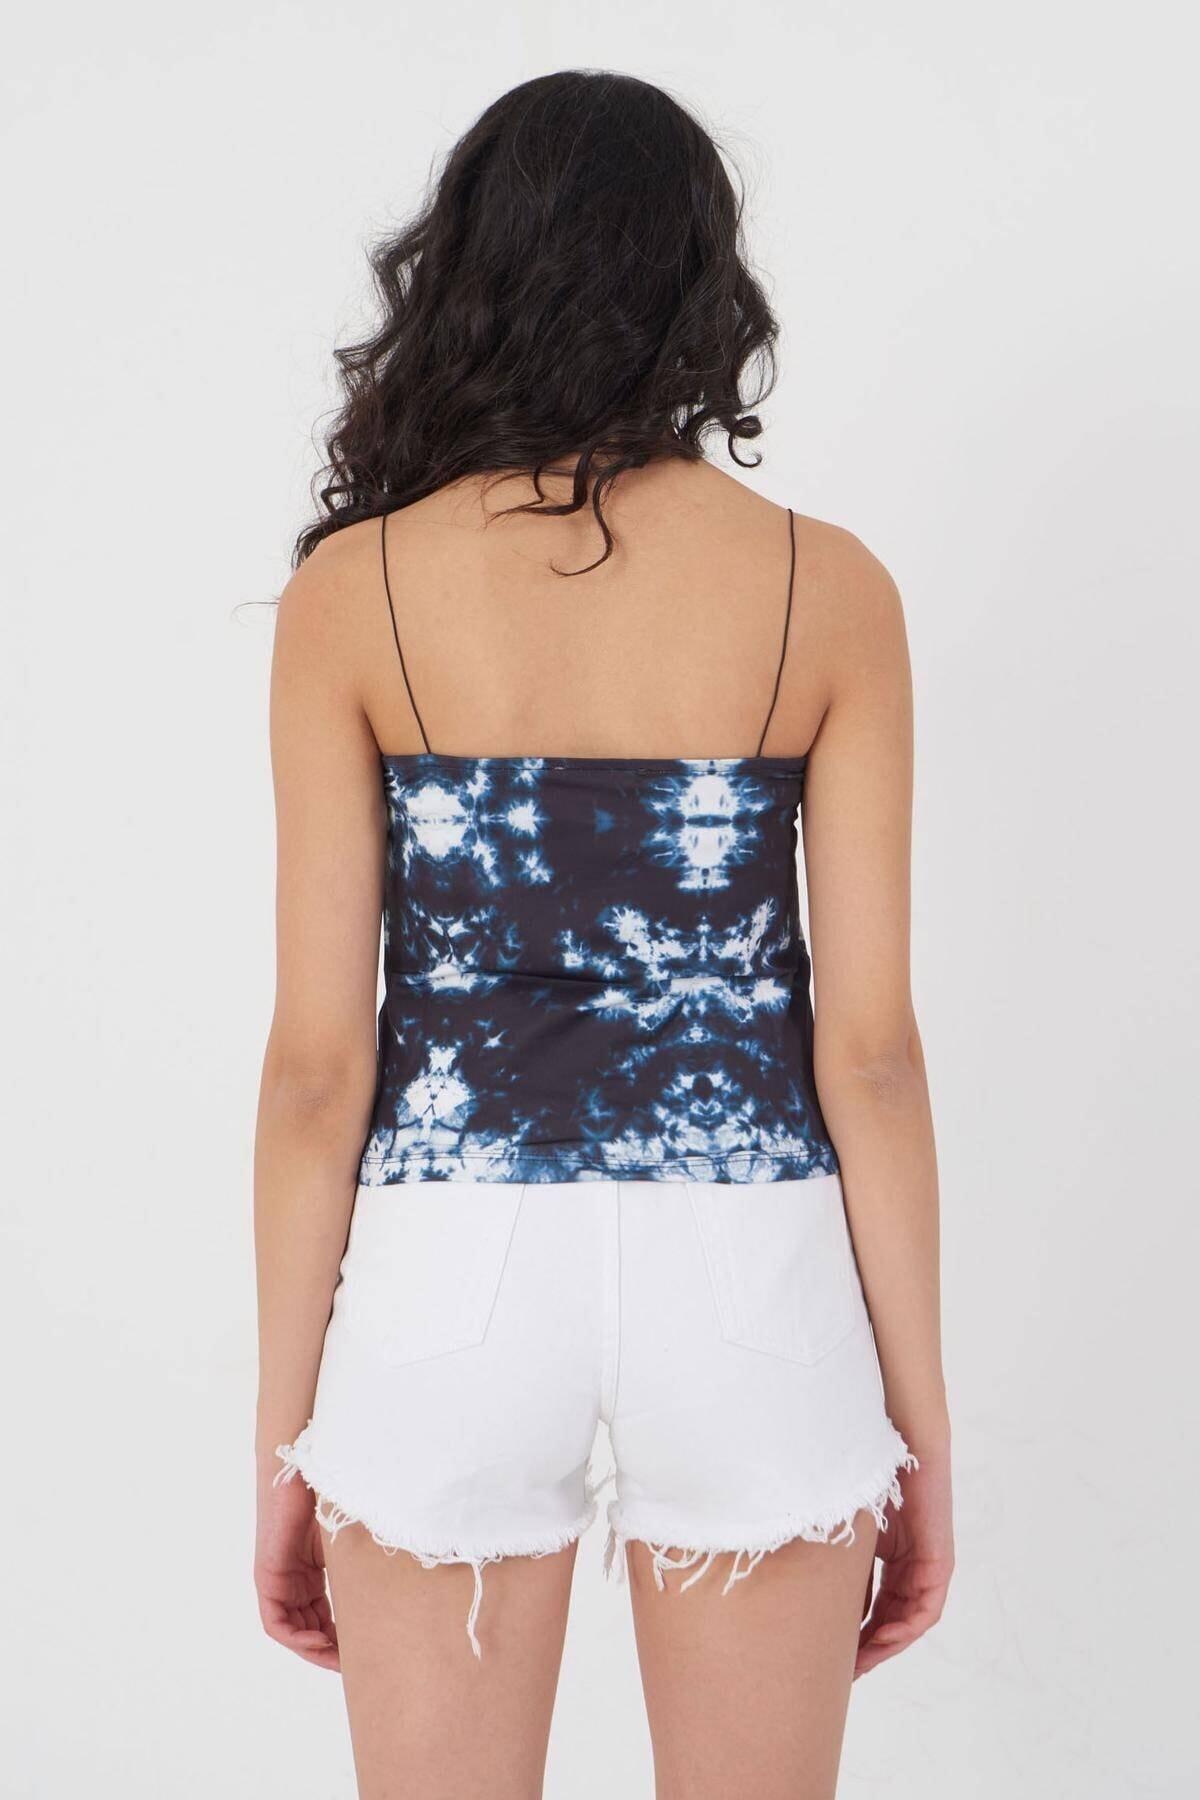 Addax Kadın Batik Ince Askılı Bluz P12237 - T8 Adx-0000023905 2